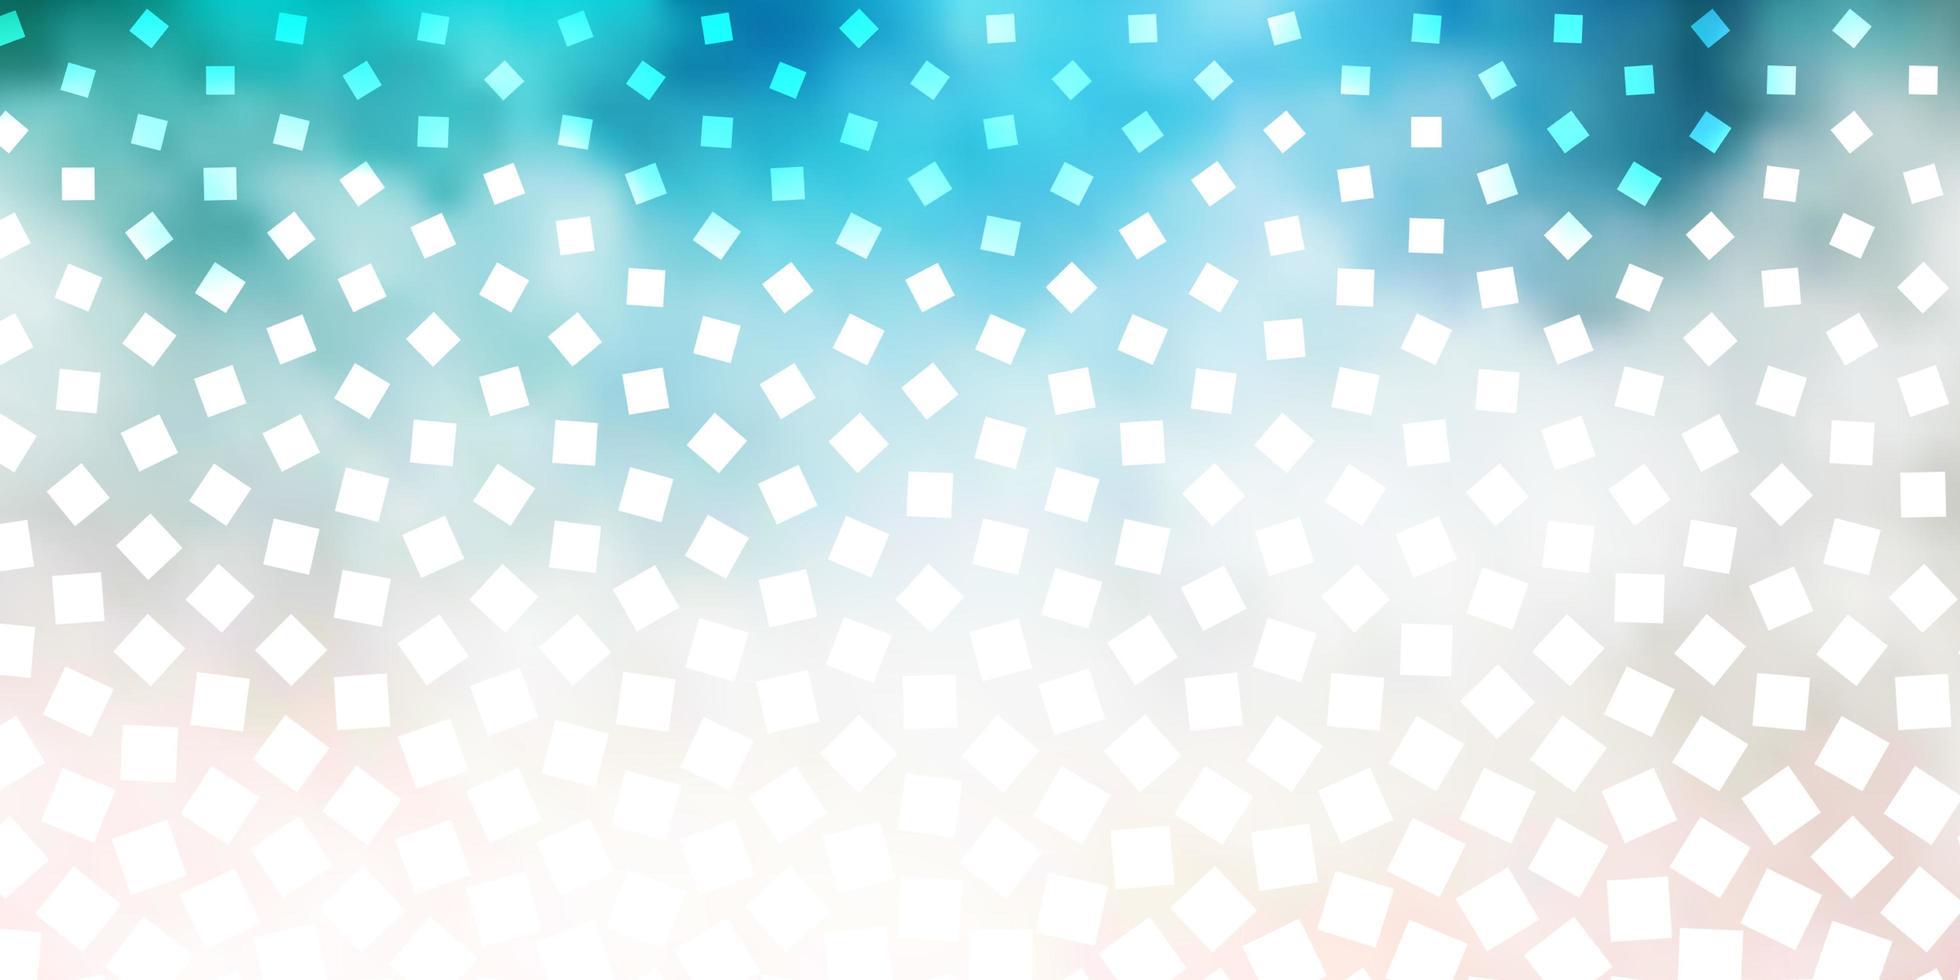 ljusrosa, grön vektorbakgrund med rektanglar. vektor